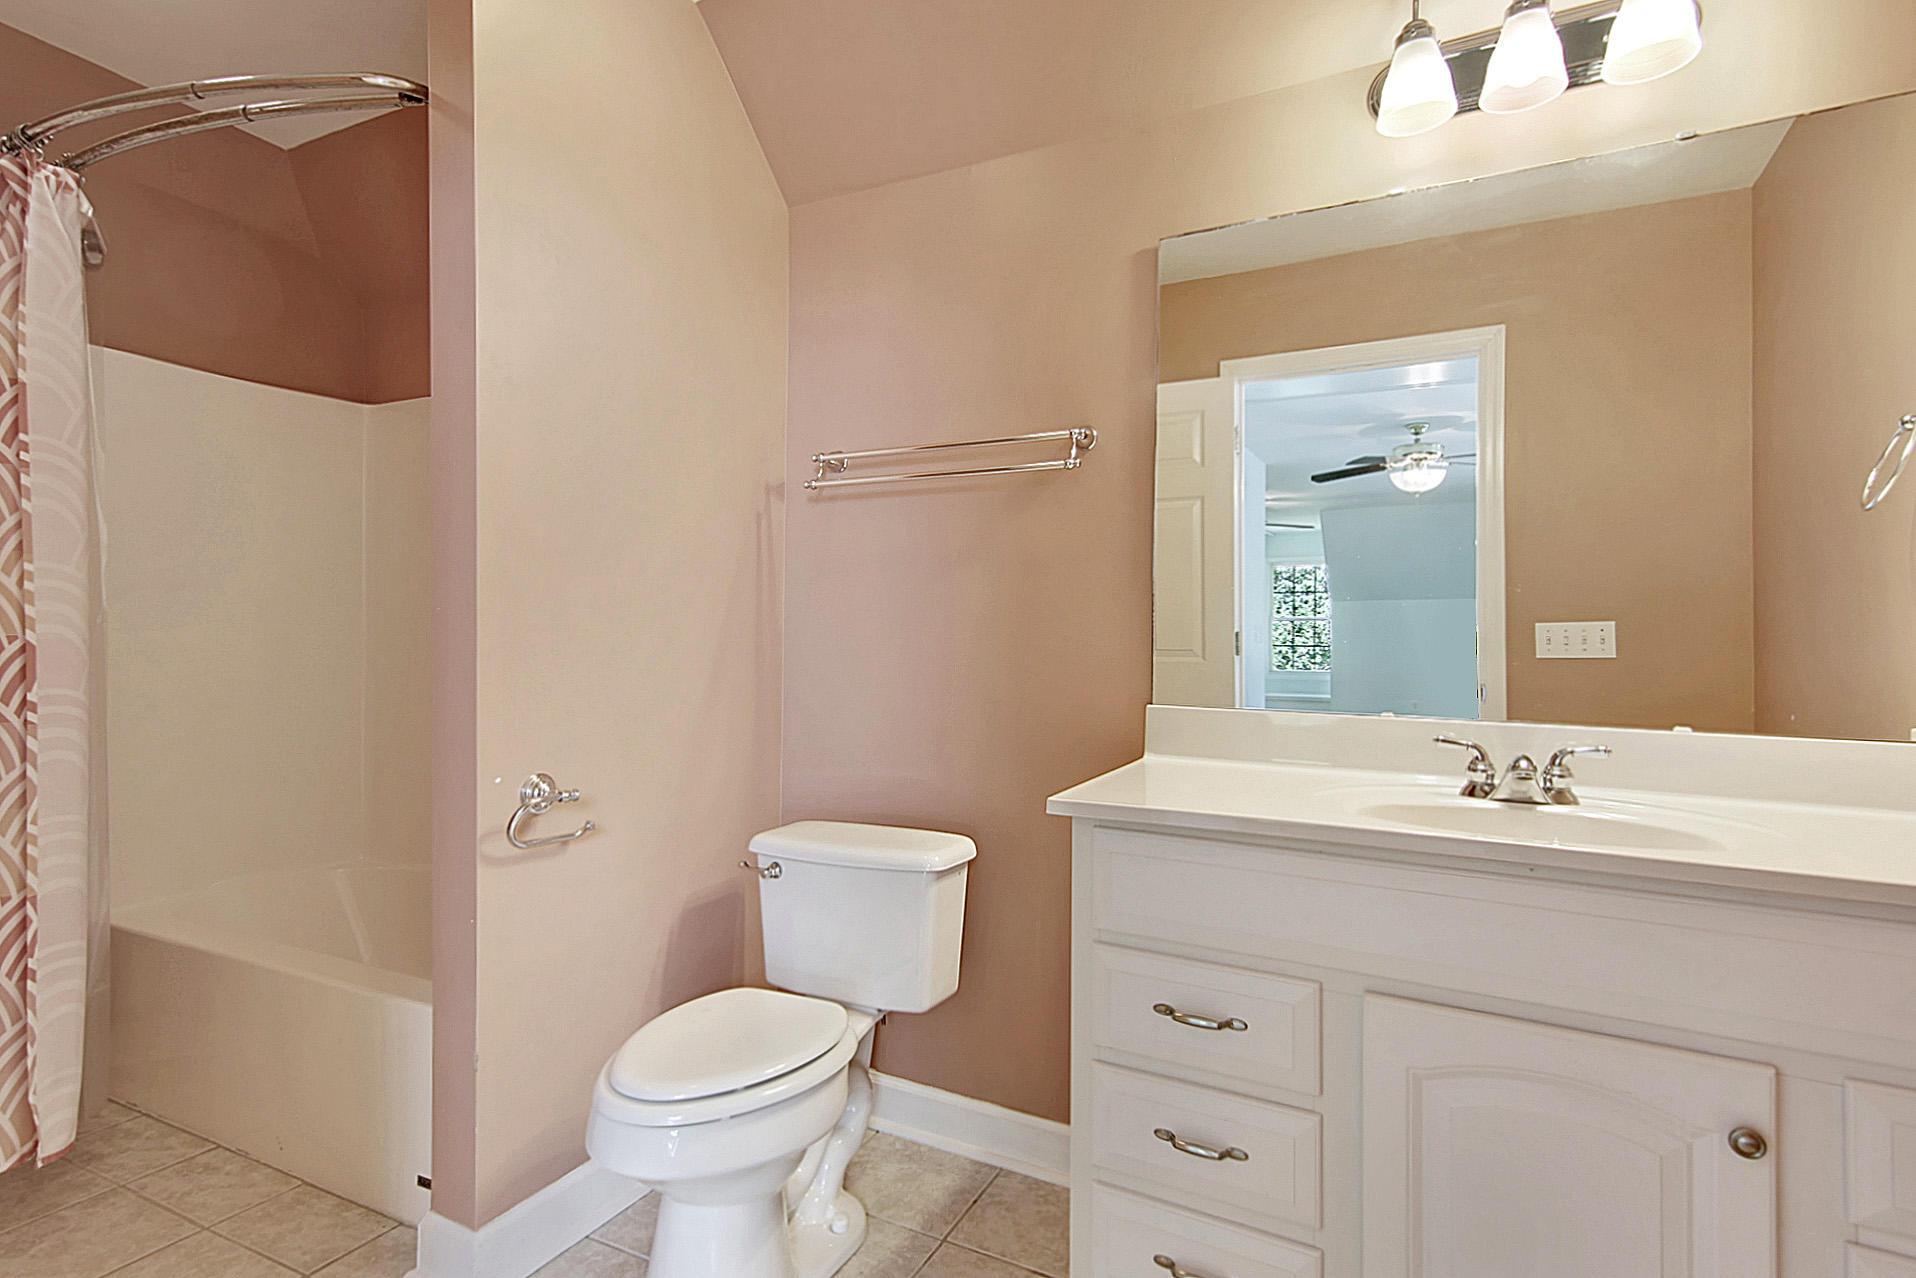 Dunes West Homes For Sale - 2236 Black Oak, Mount Pleasant, SC - 21